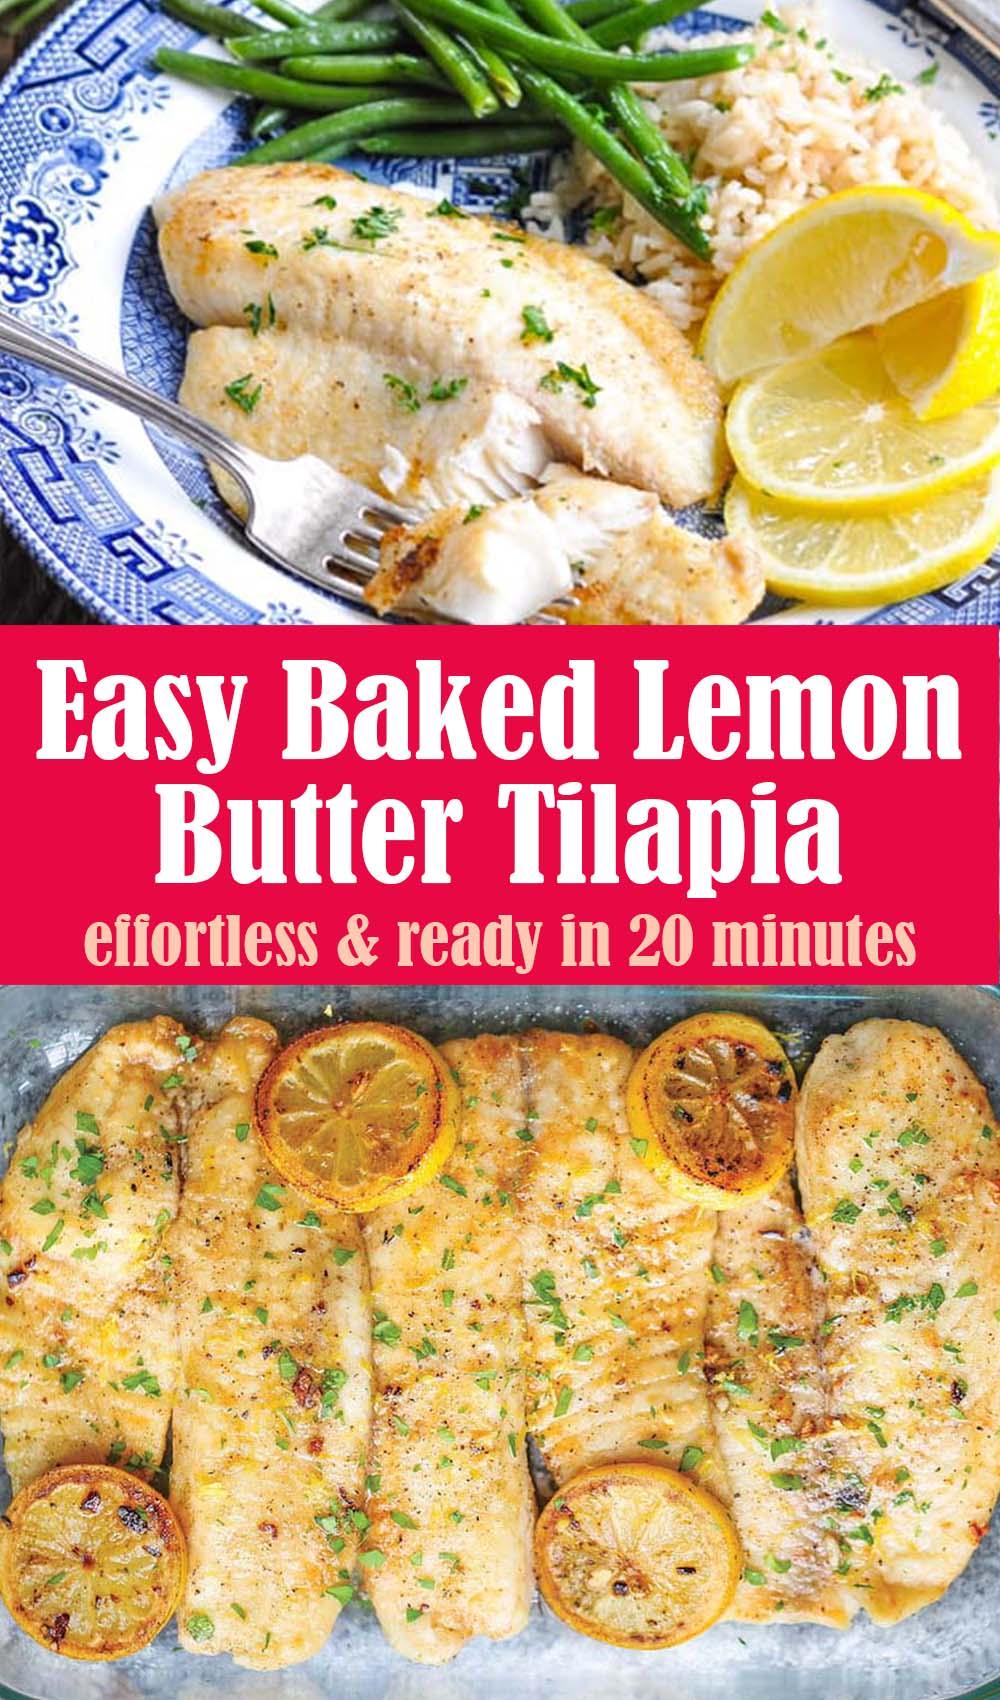 Easy Baked Lemon Butter Tilapia Recipe